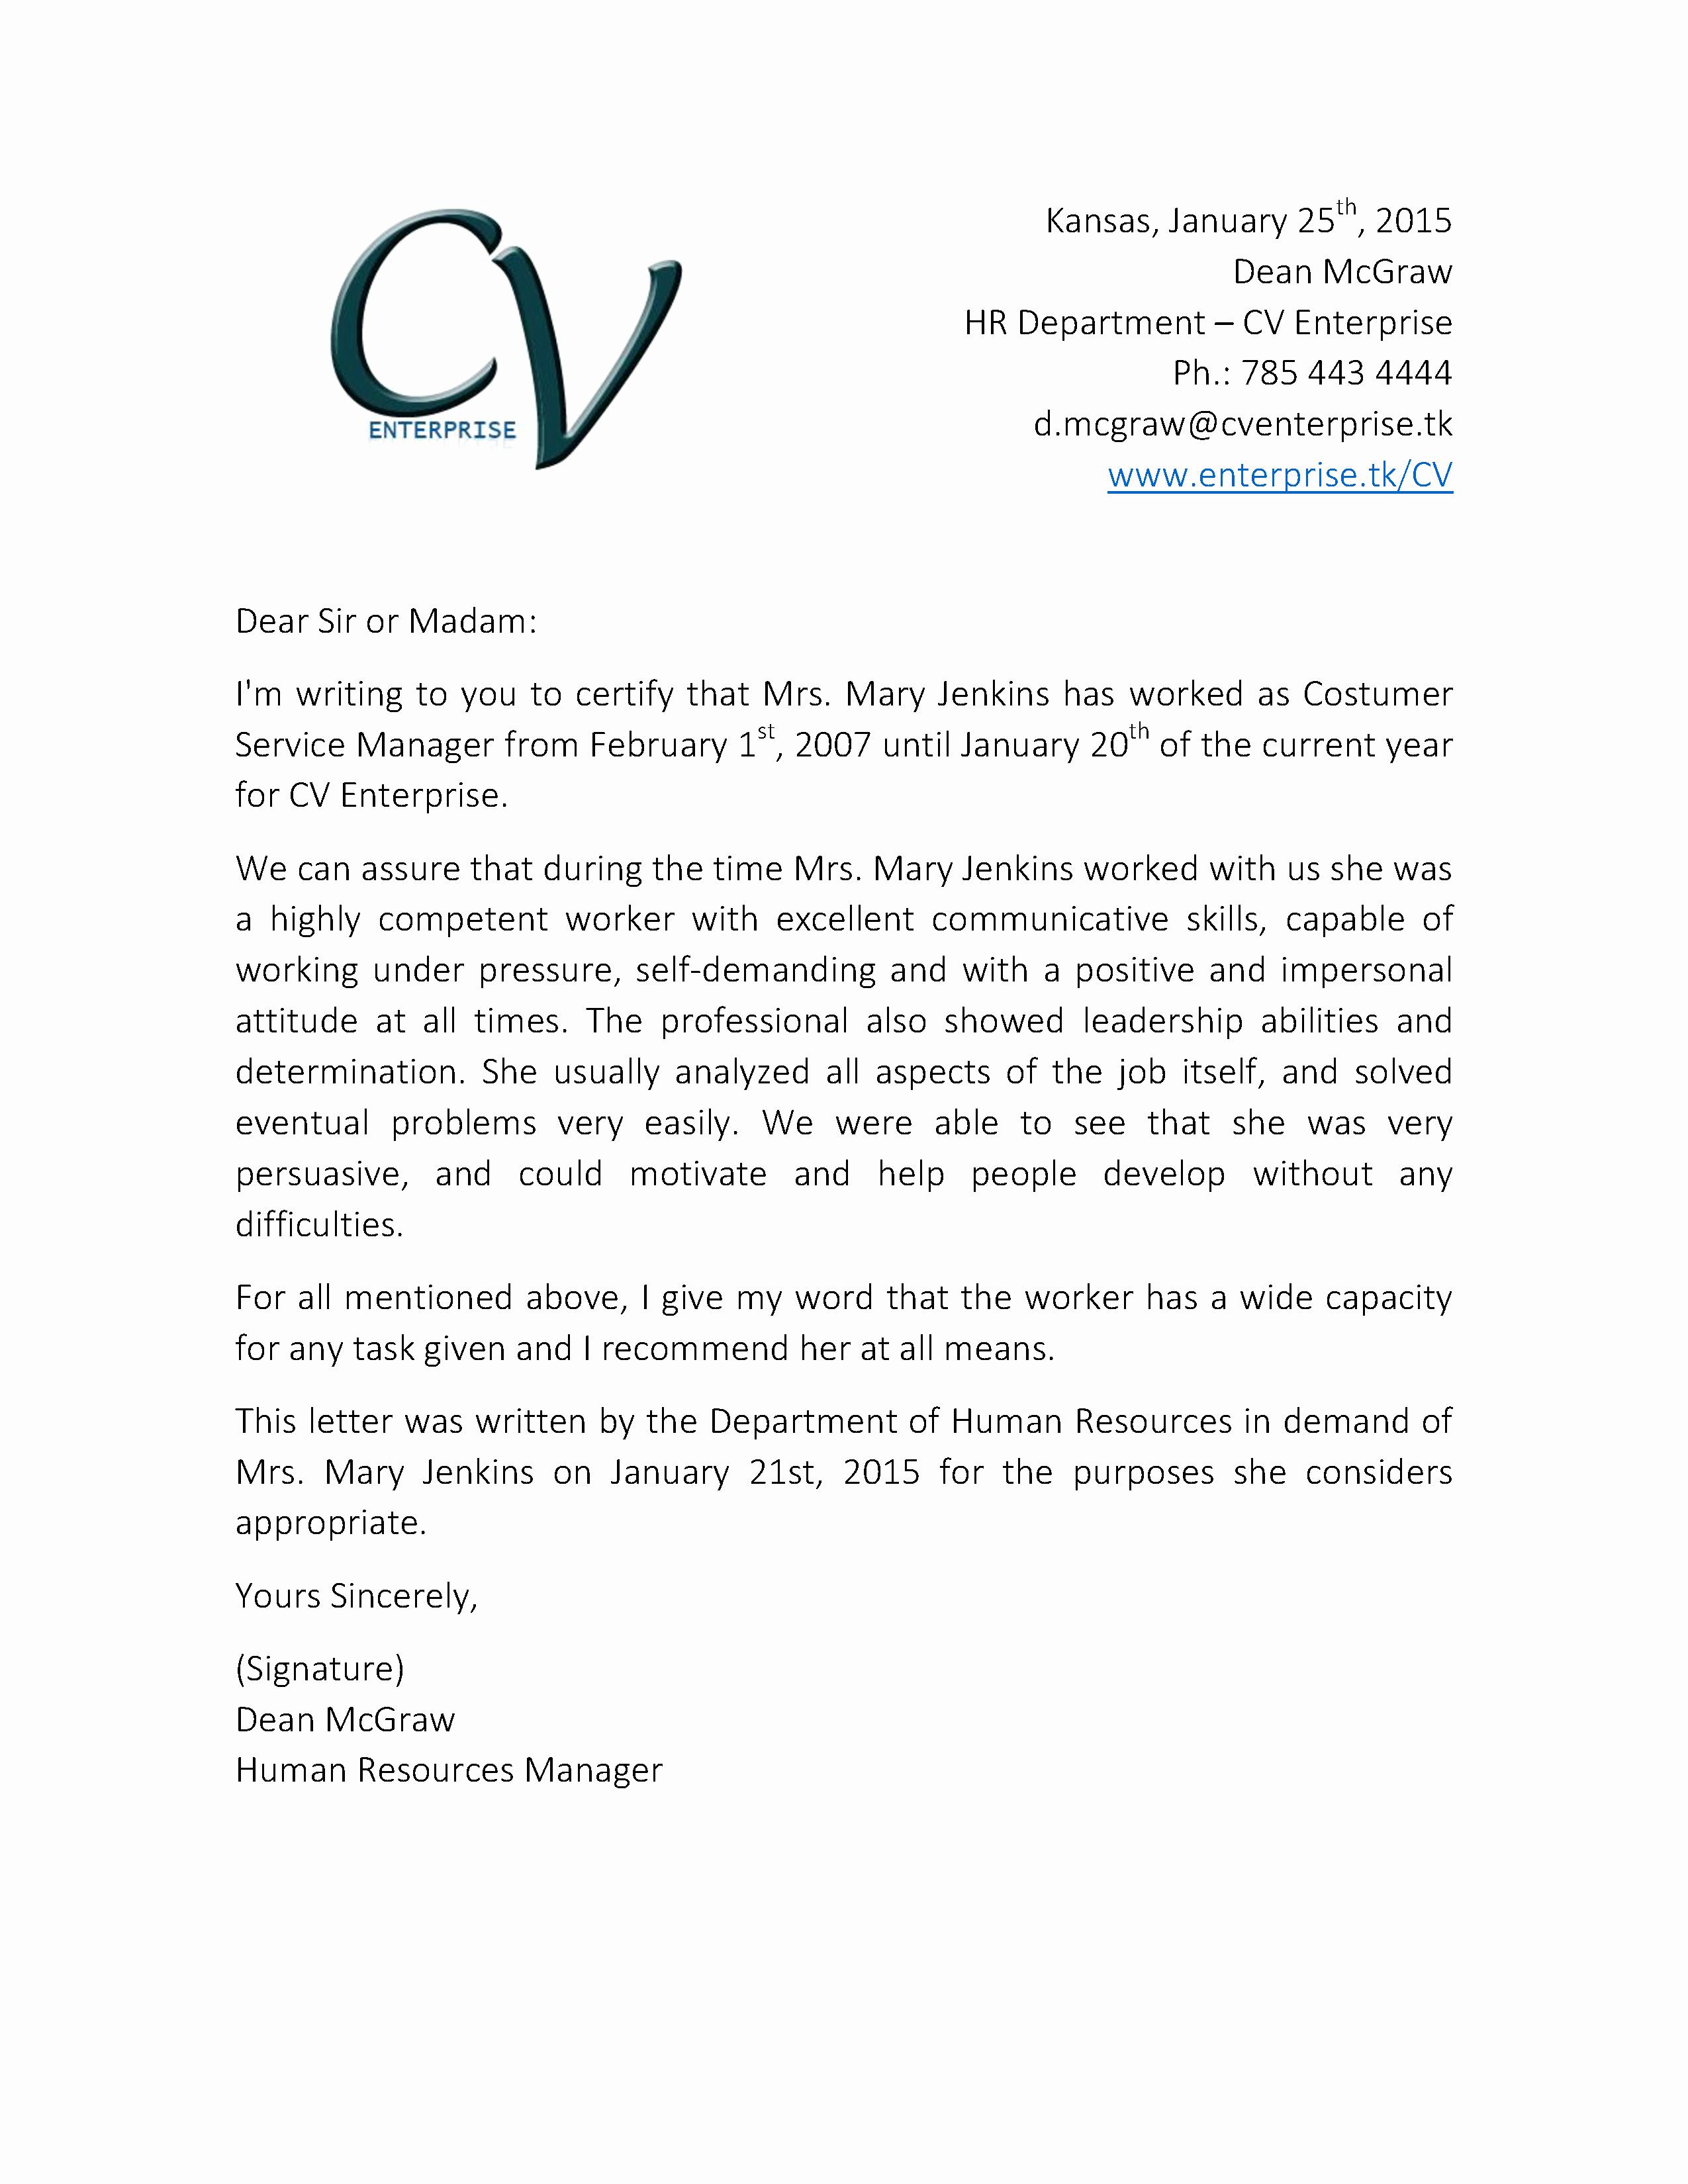 Letter Of Recommendation Letterhead Lovely Re Mendation Letter for Customer Service Job 2 Grow